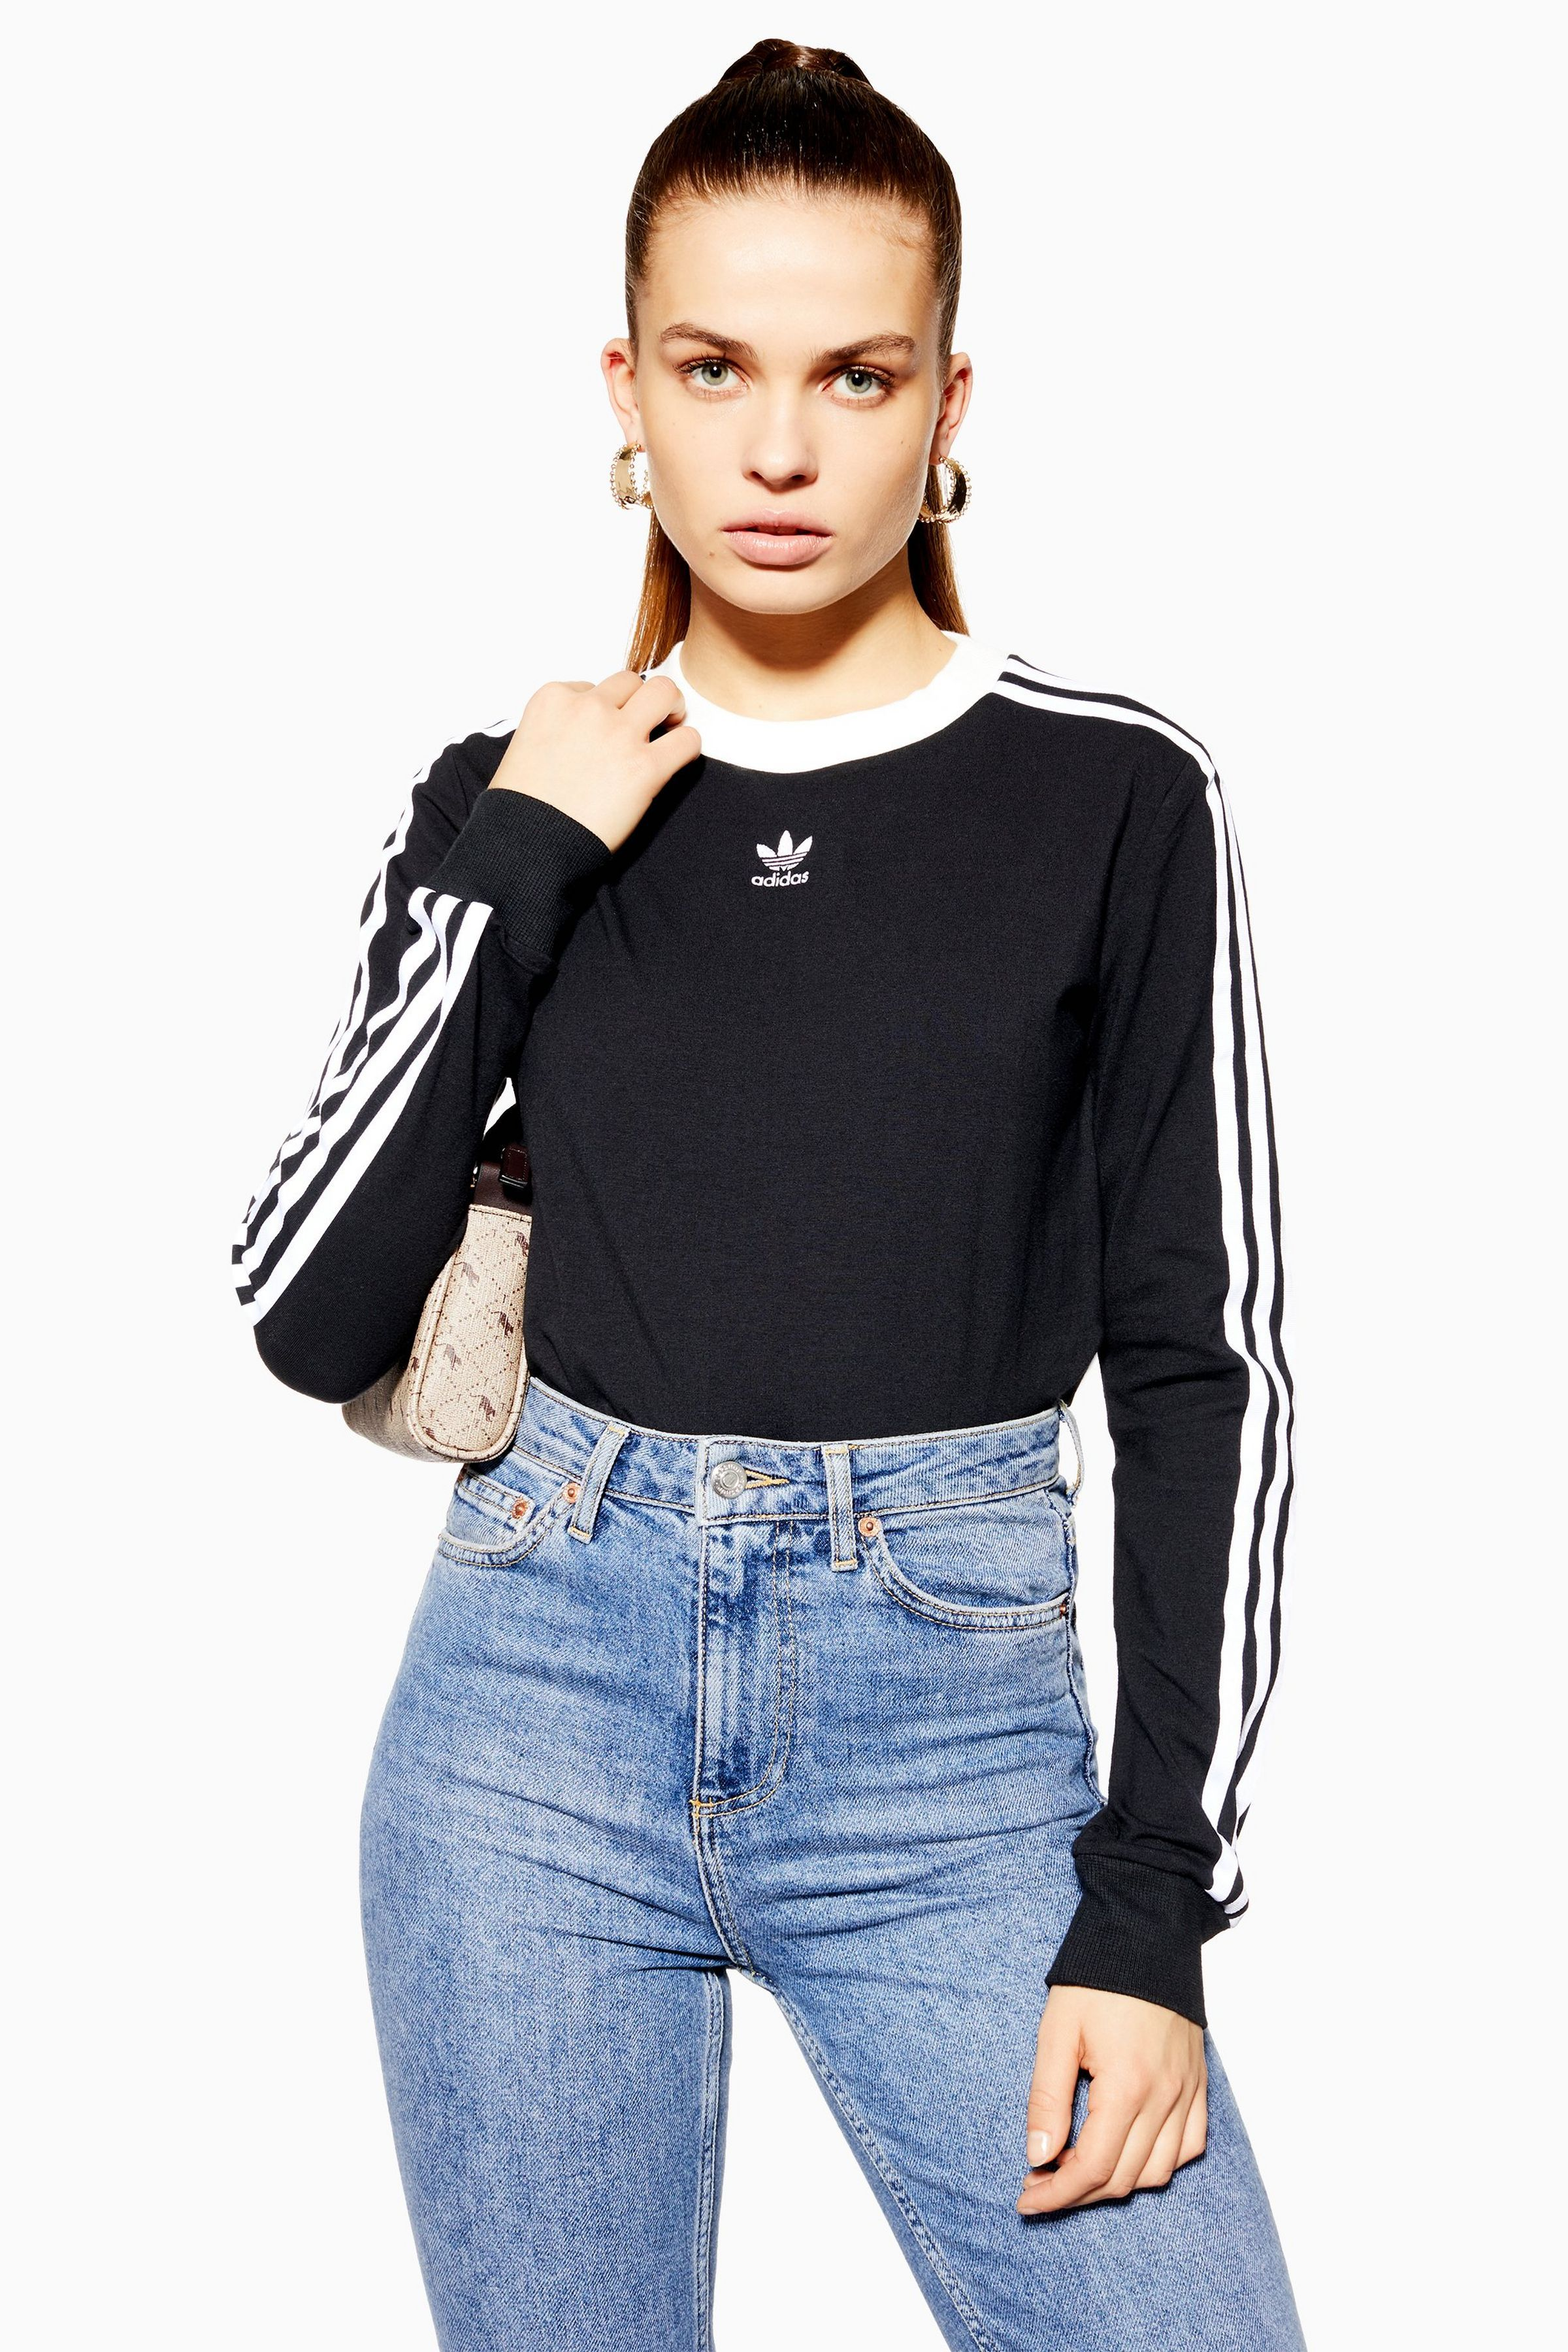 shirt adidas femme long